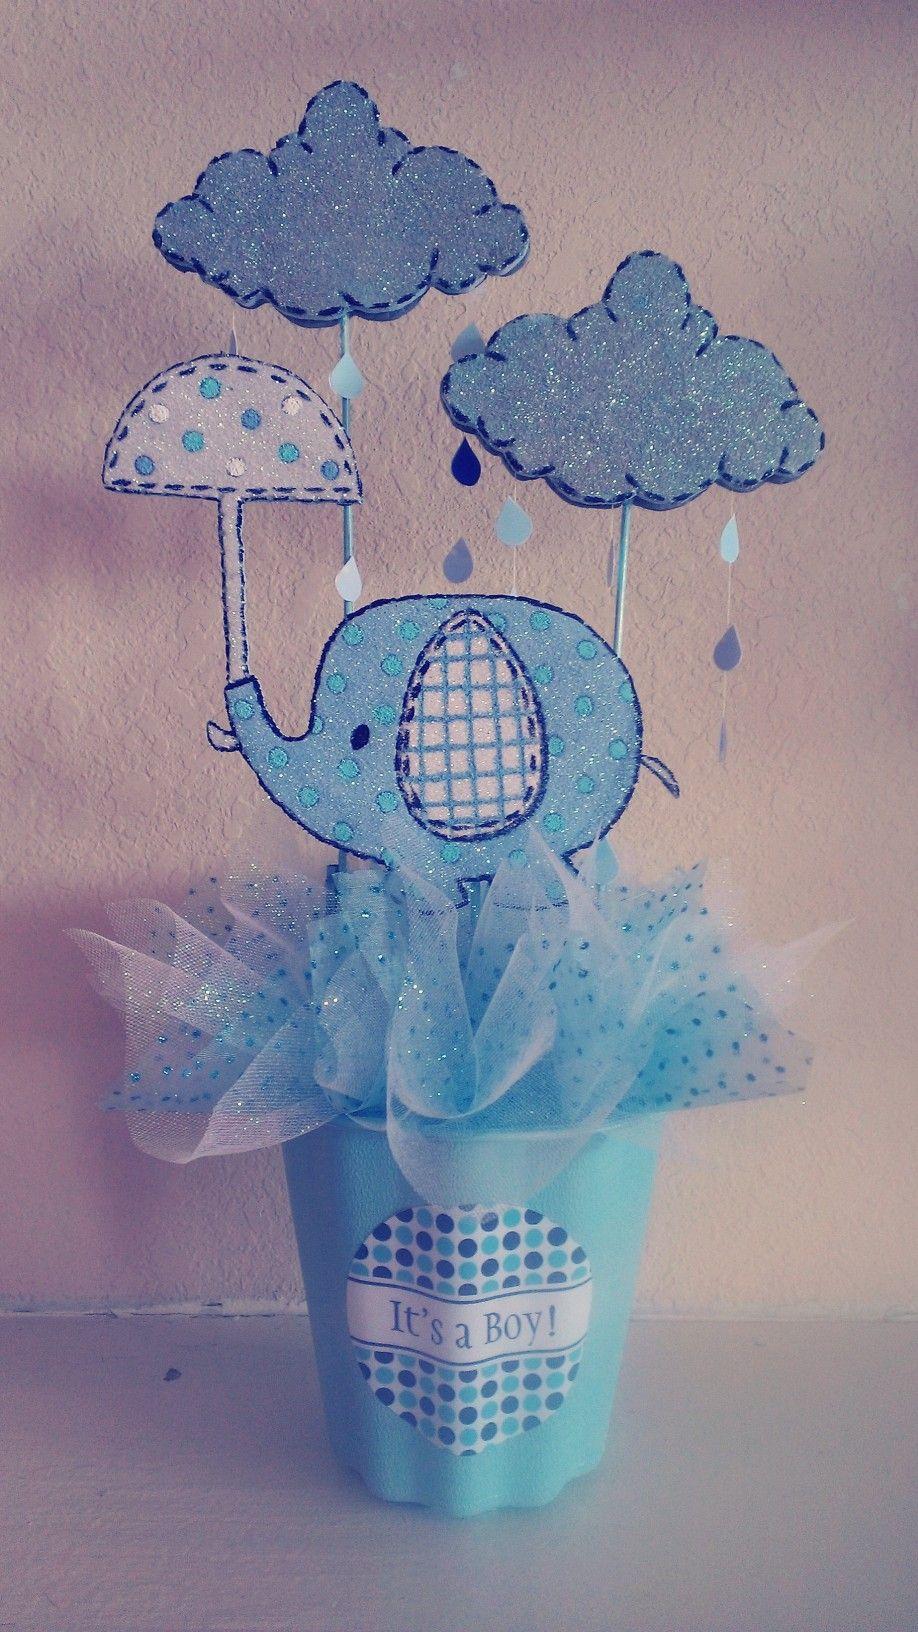 Baby Shower De Elefantes : shower, elefantes, Elephant,